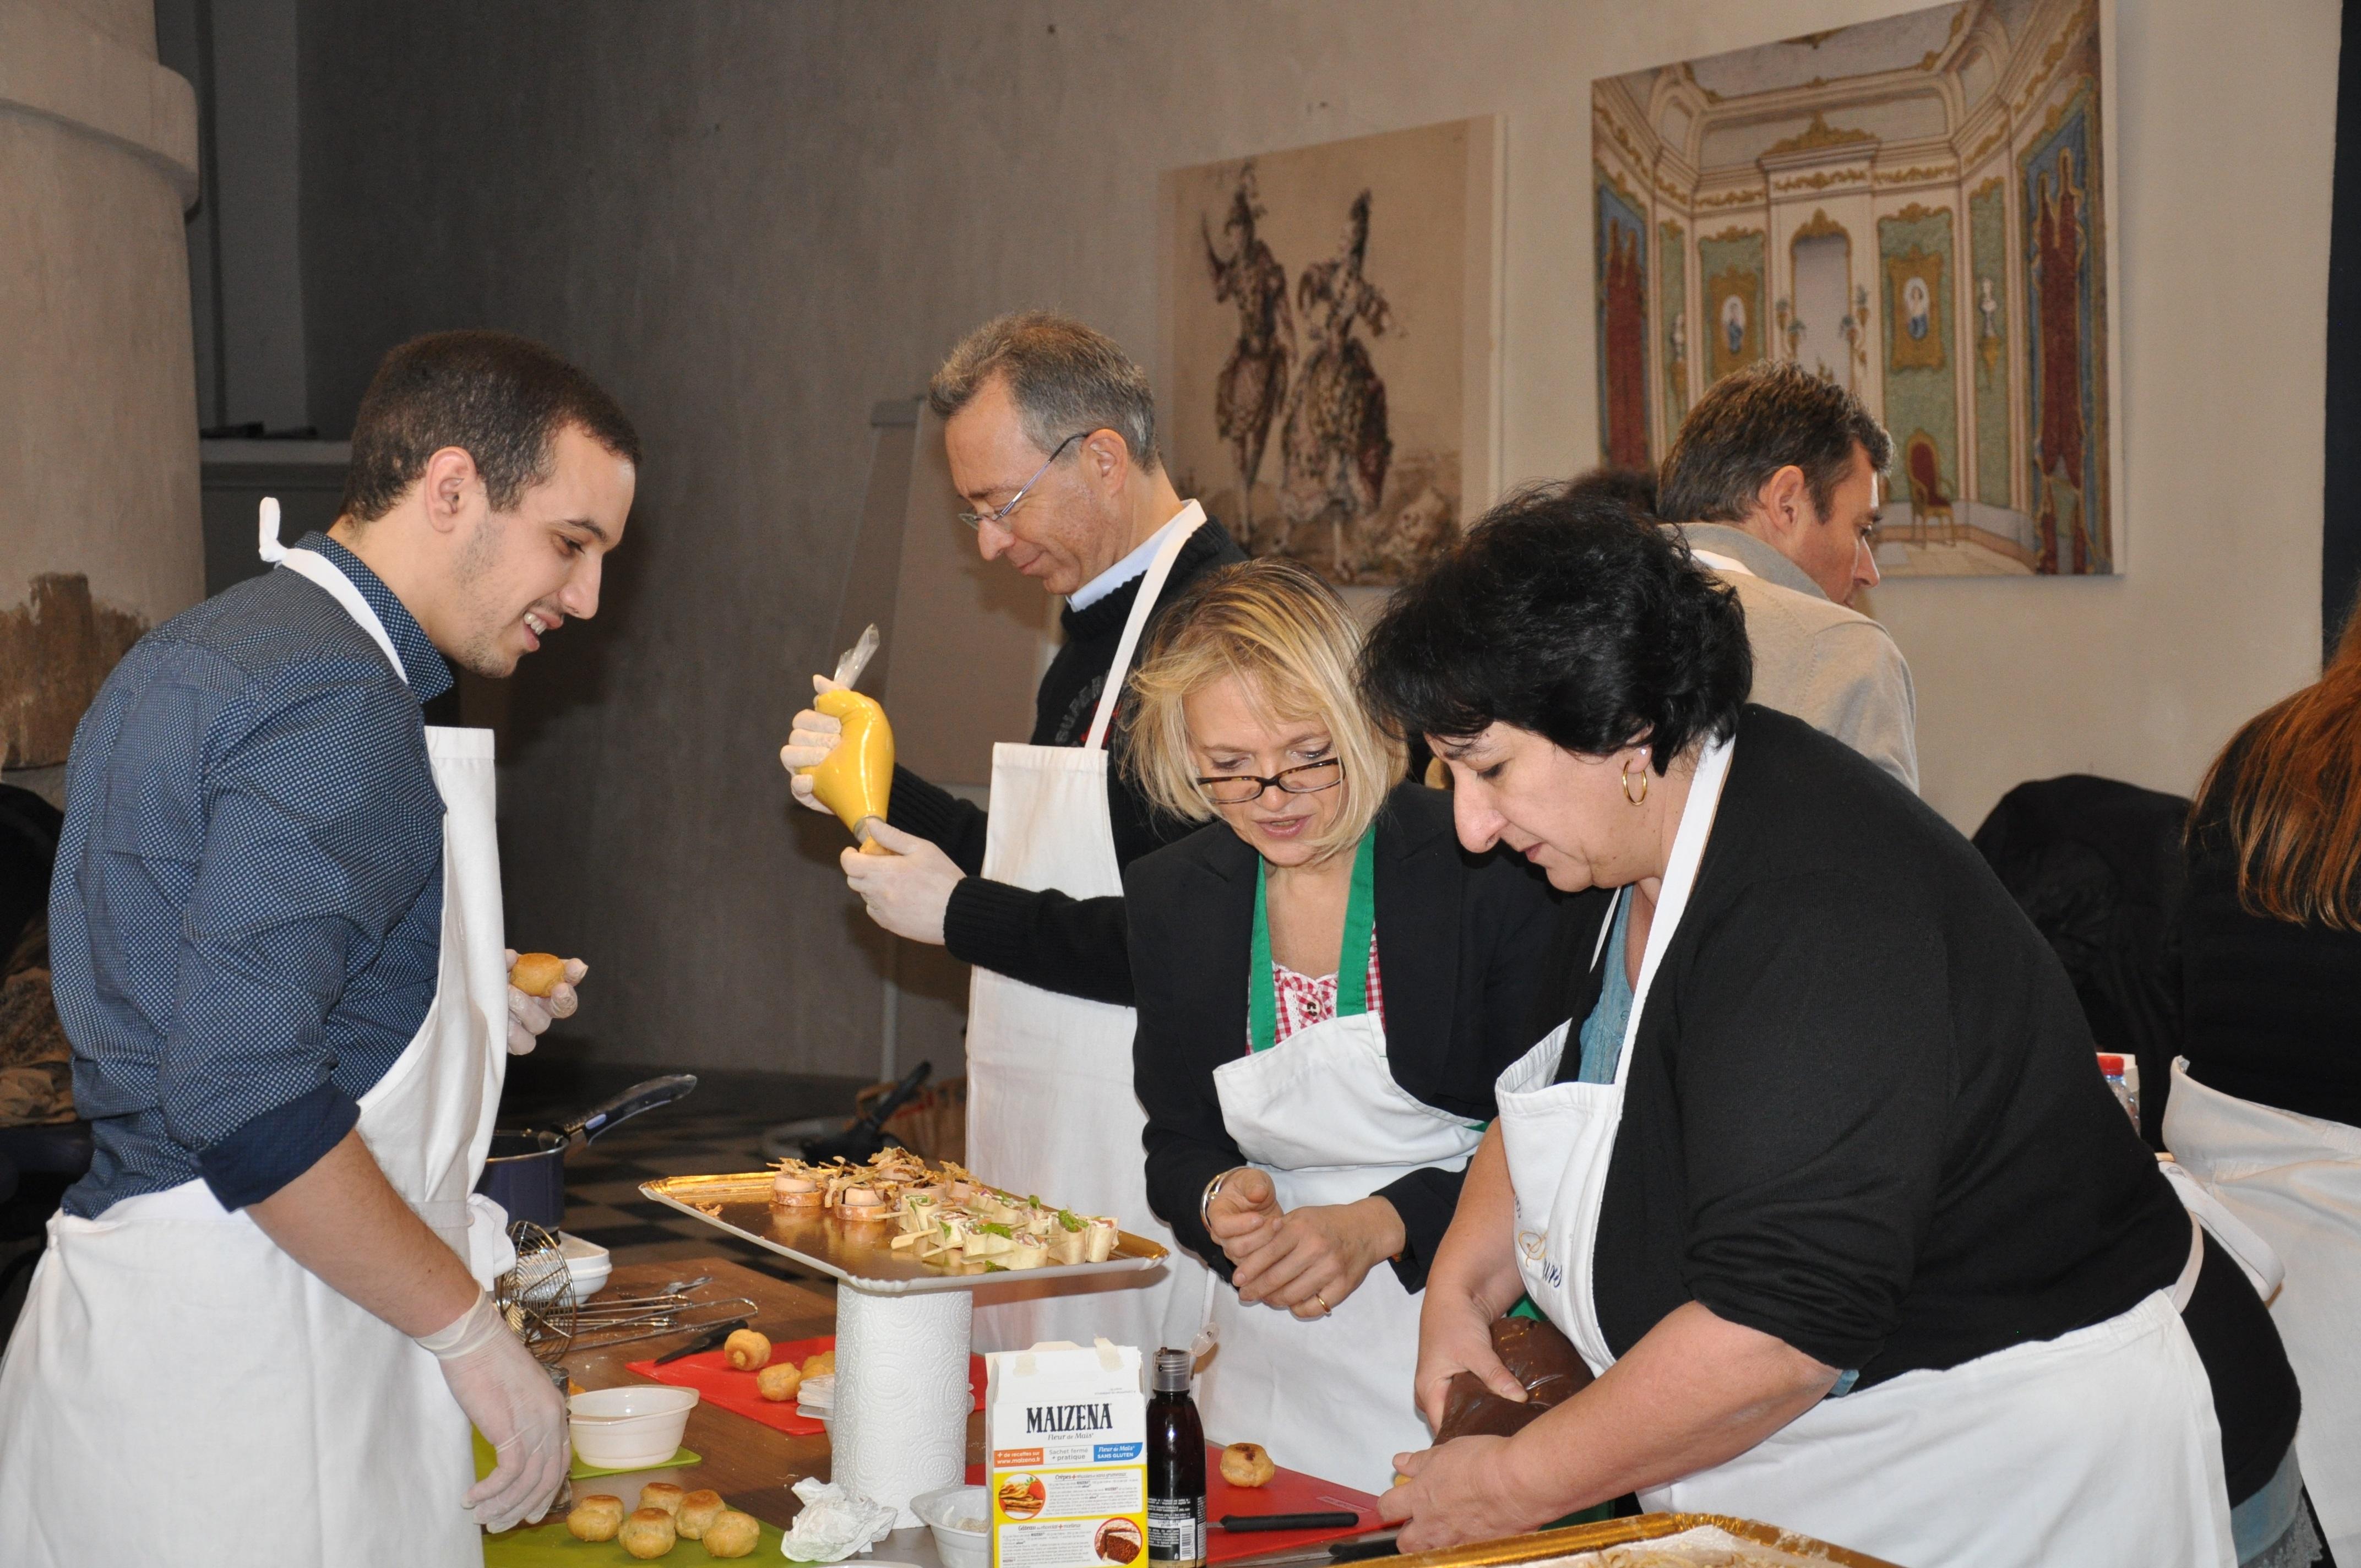 Cours-de-cuisine-entreprise-40